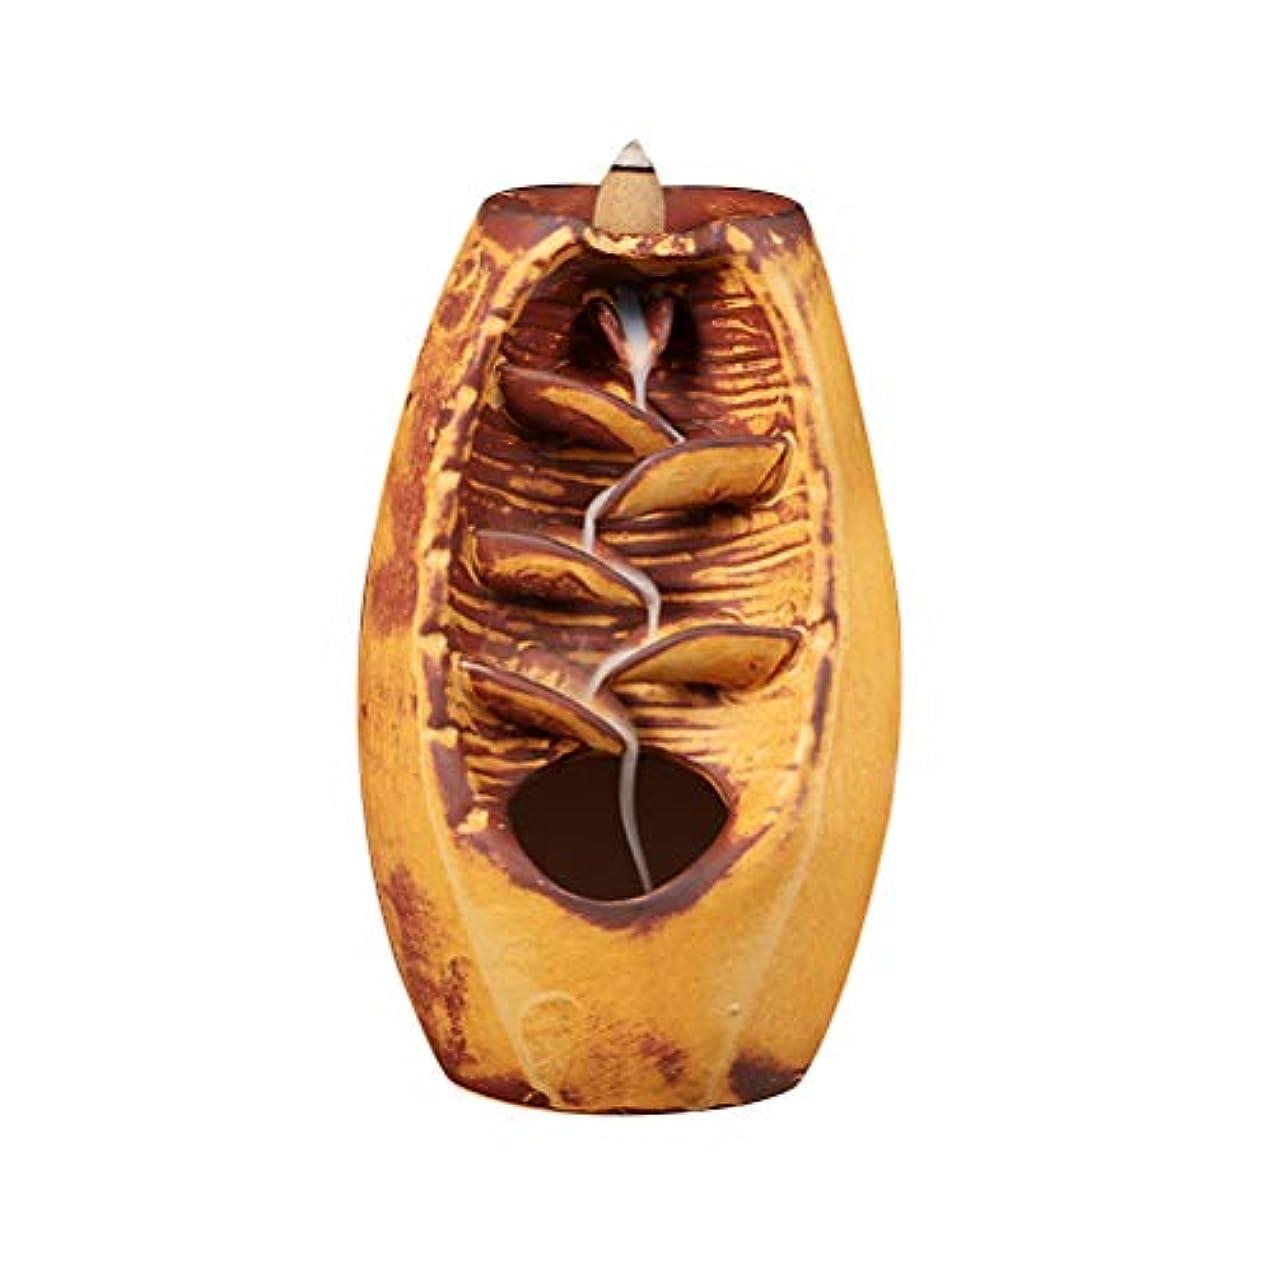 満足真鍮避難するVosarea 逆流香バーナー滝香ホルダーアロマ飾り仏教用品(金)